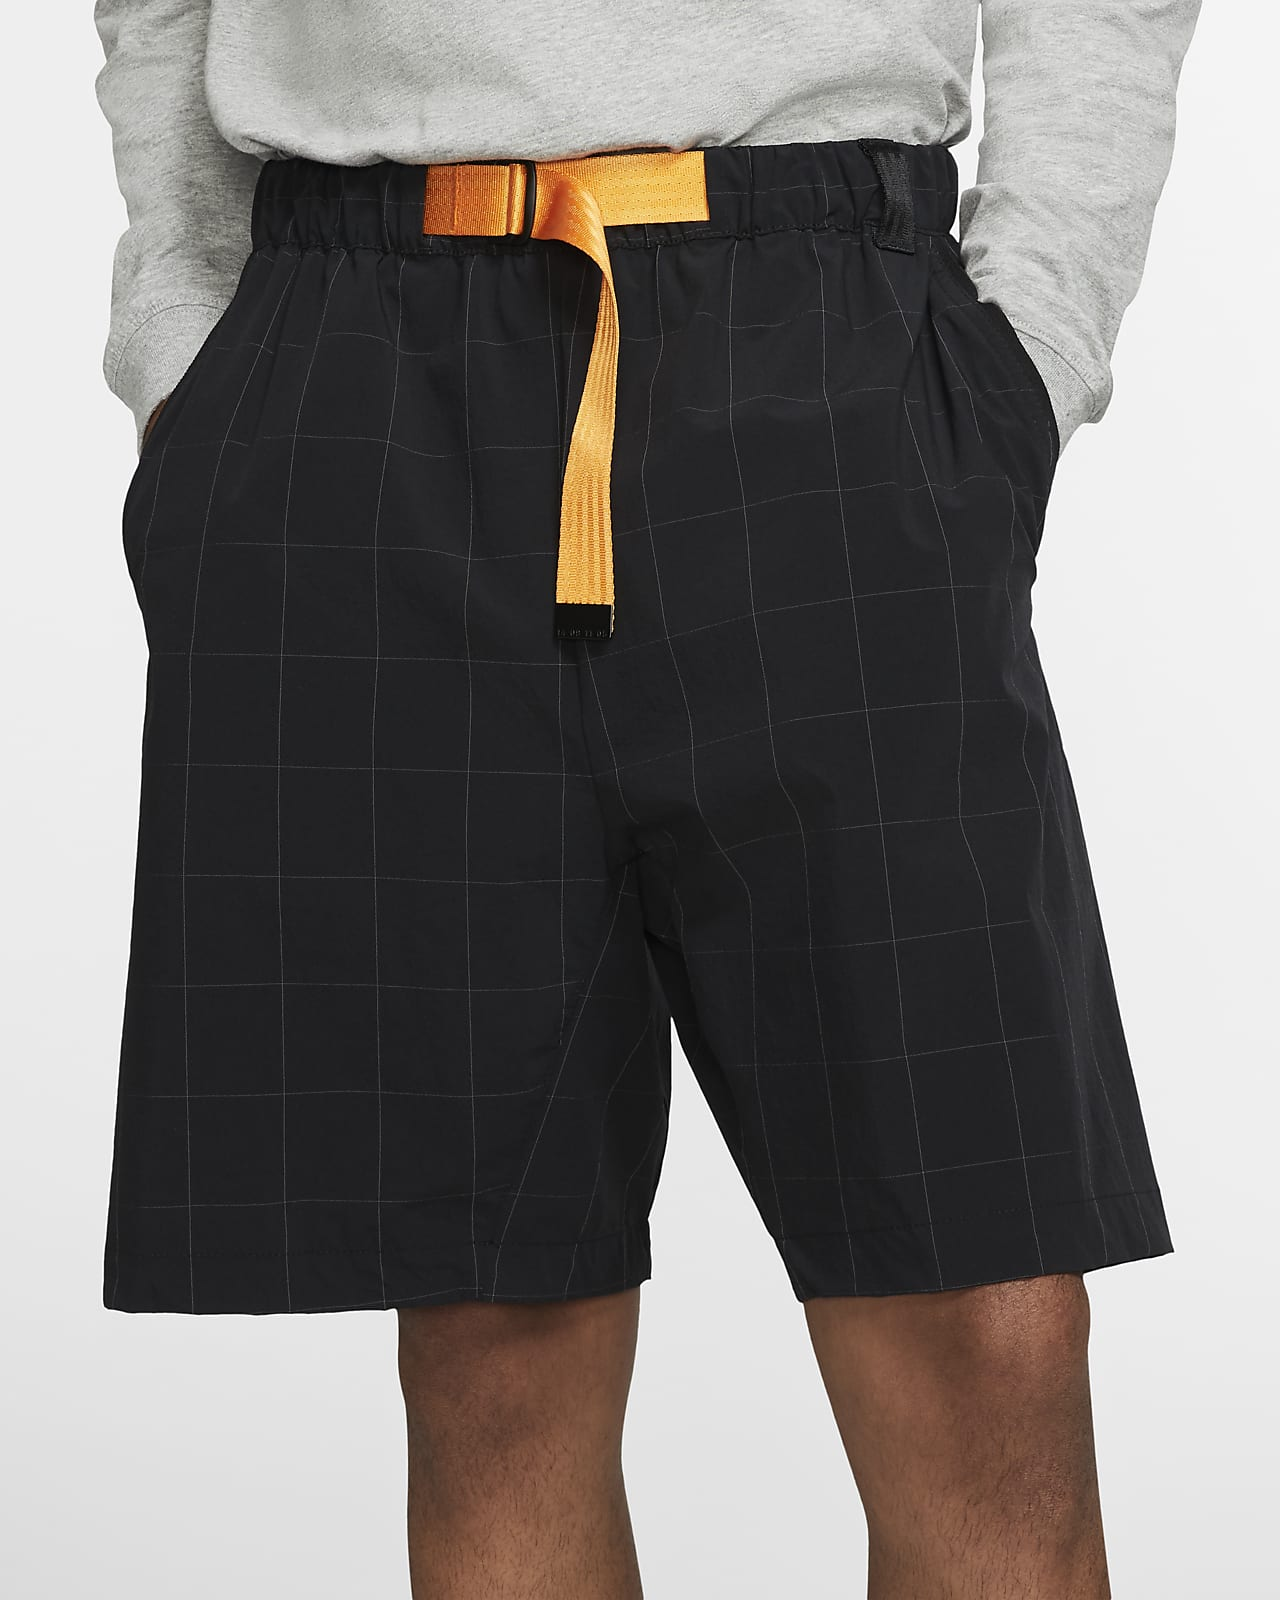 Nike Sportswear Tech Pack Men's Woven Shorts